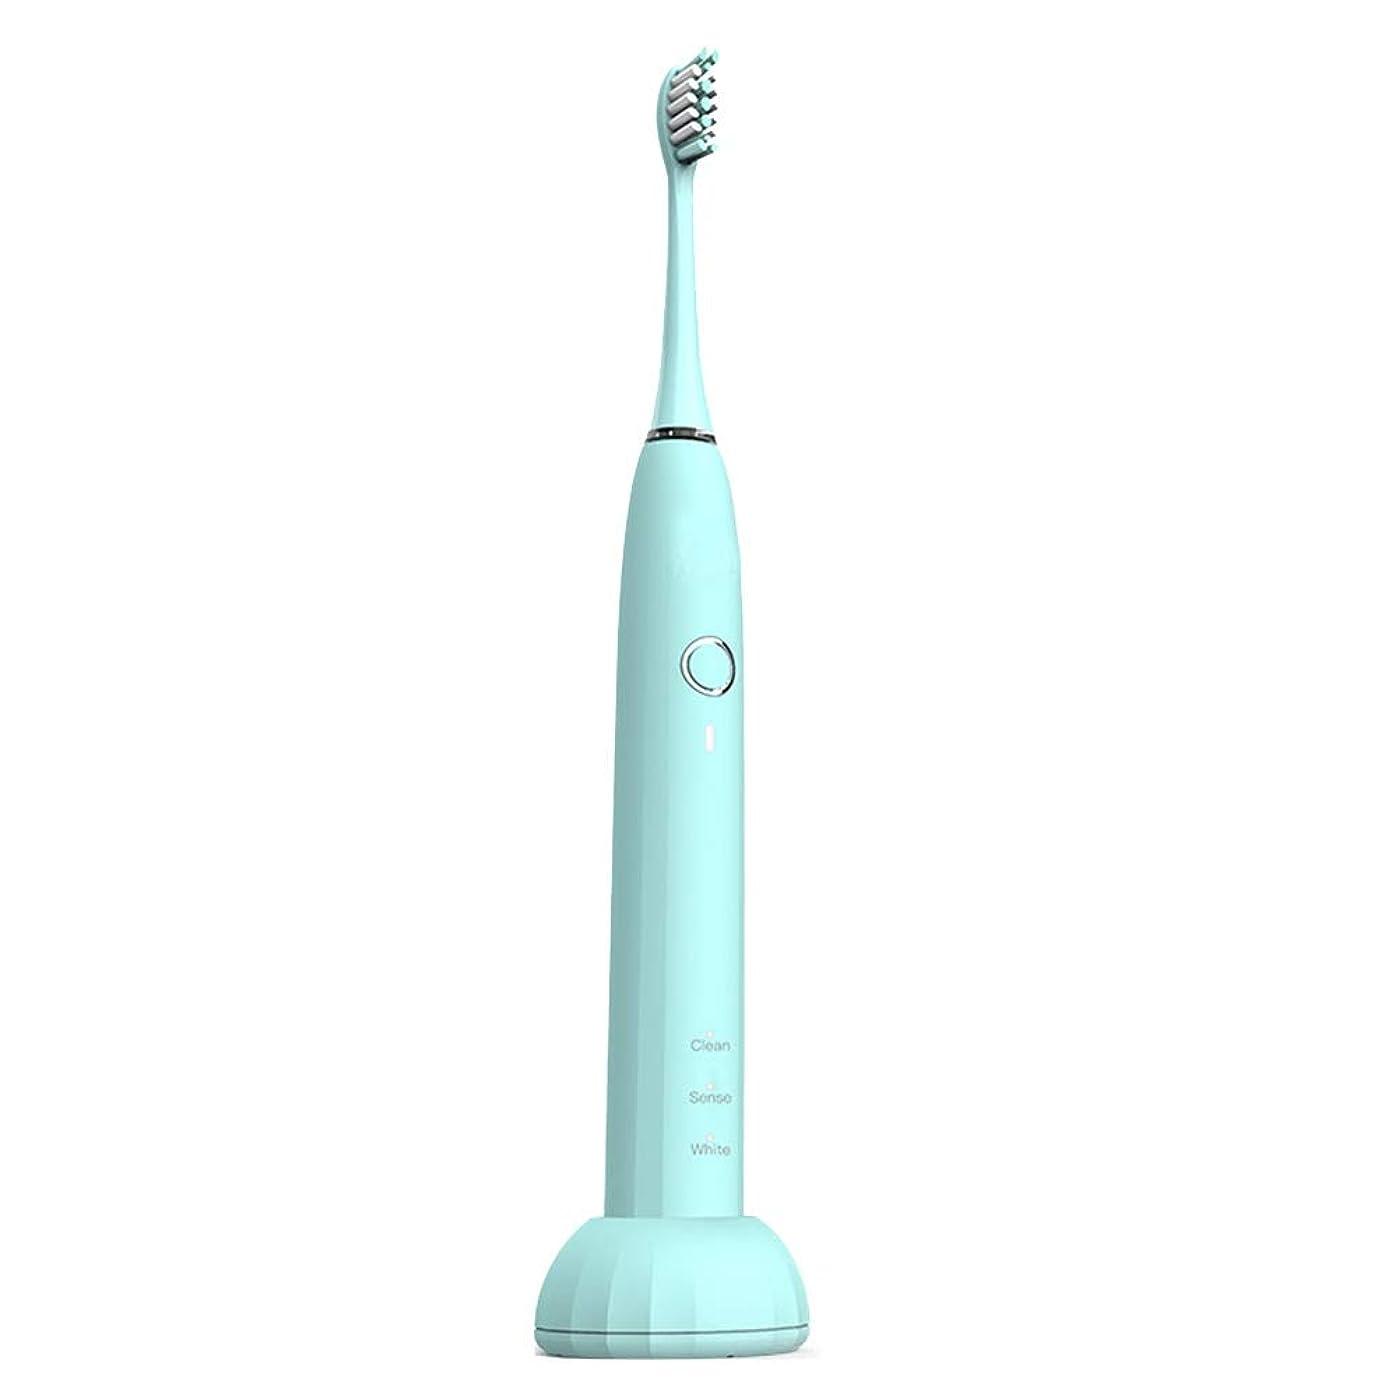 耐久性のある電動歯ブラシワイヤレス誘導充電歯ブラシホルダーと4つの交換ヘッド付きの大人の電動歯ブラシ 完璧な旅の道連れ (色 : ピンク, サイズ : Free size)